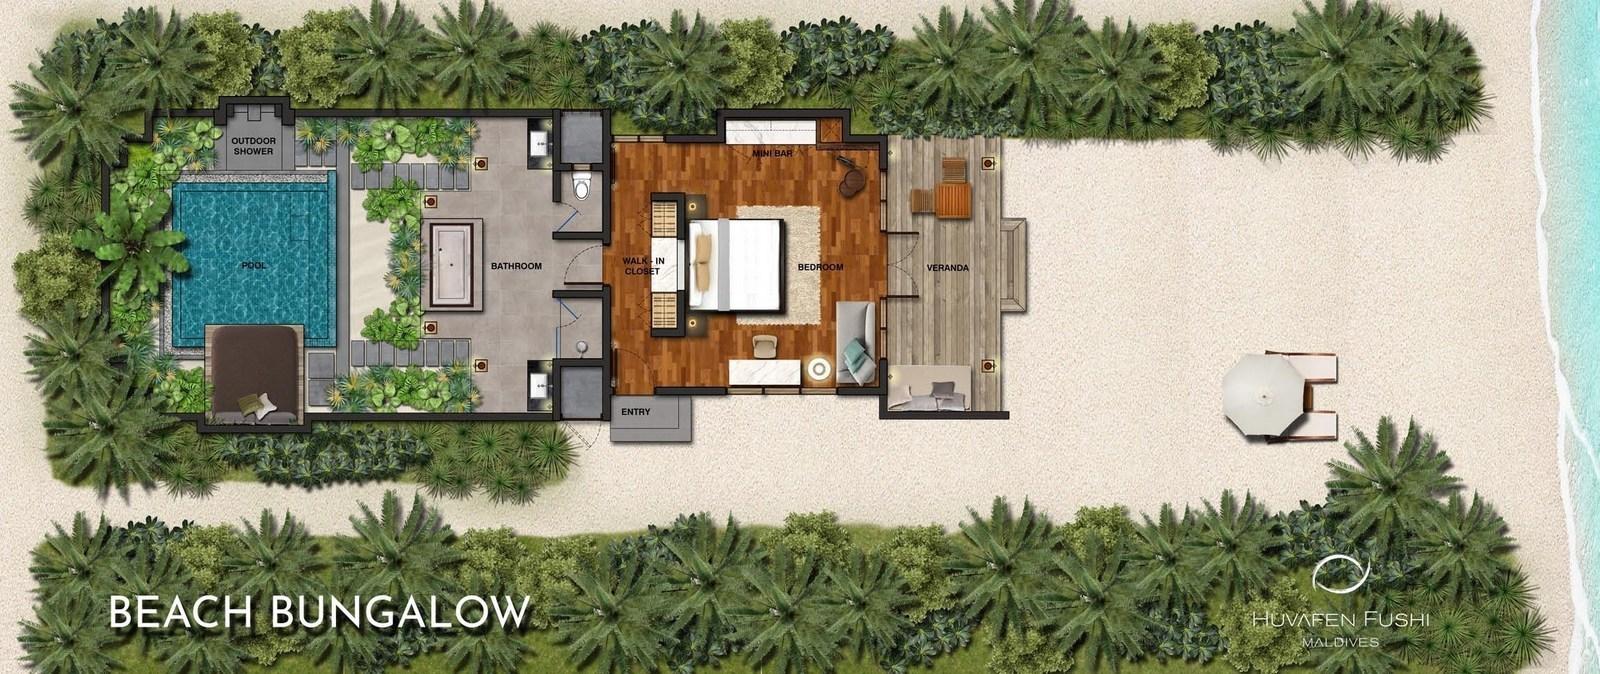 Мальдивы, отель Huvafen Fushi Maldives, план-схема номера Beach Bungalow with Pool